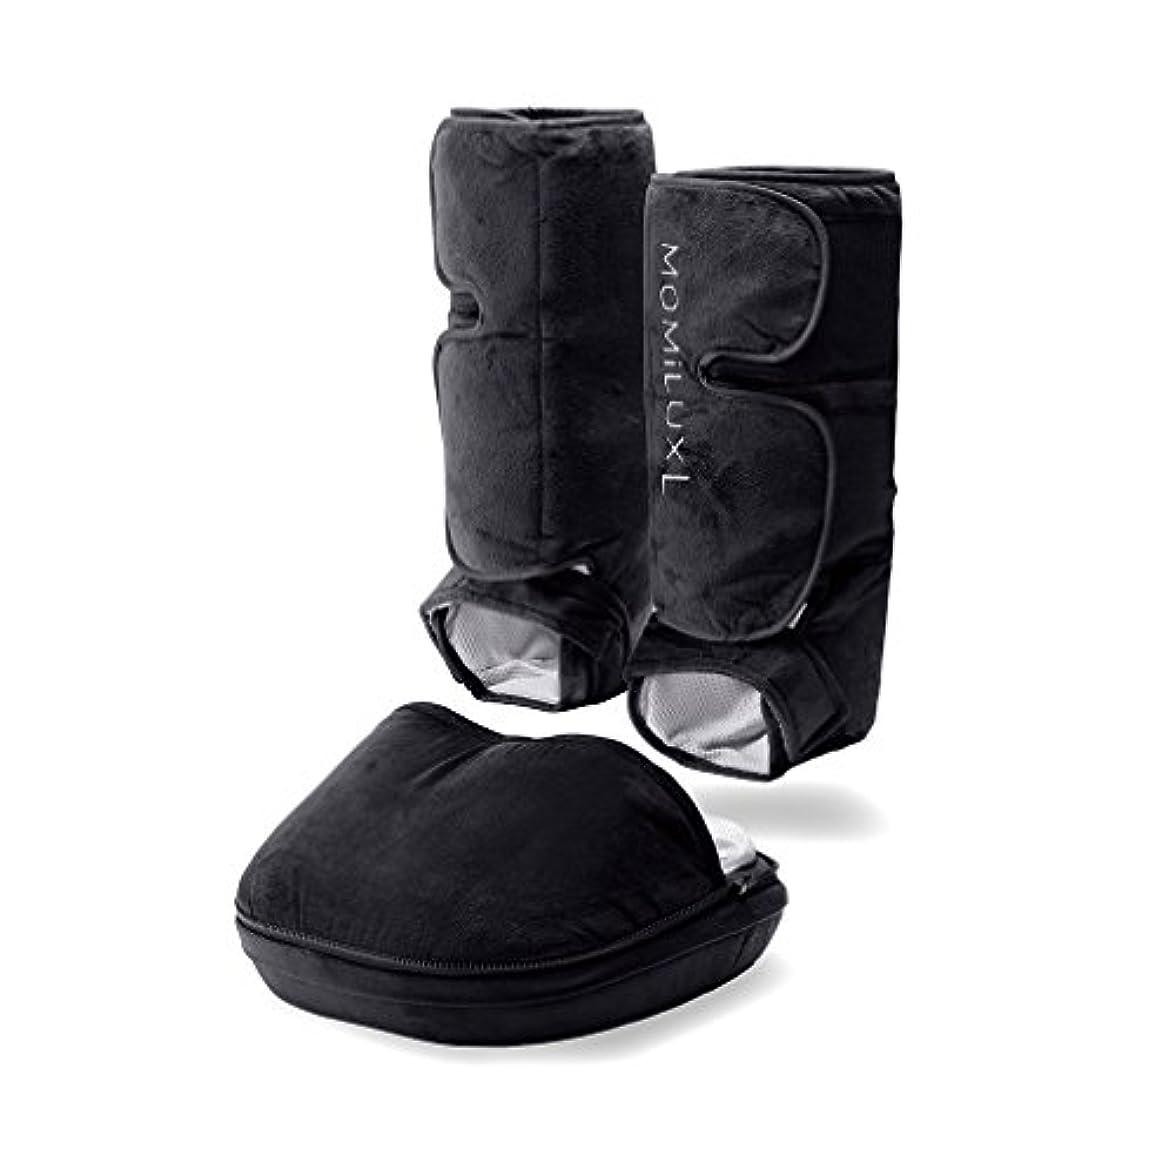 有効精算衣類ドウシシャ フットマッサージャー もみラックスL ブラック DFM-1601 BK